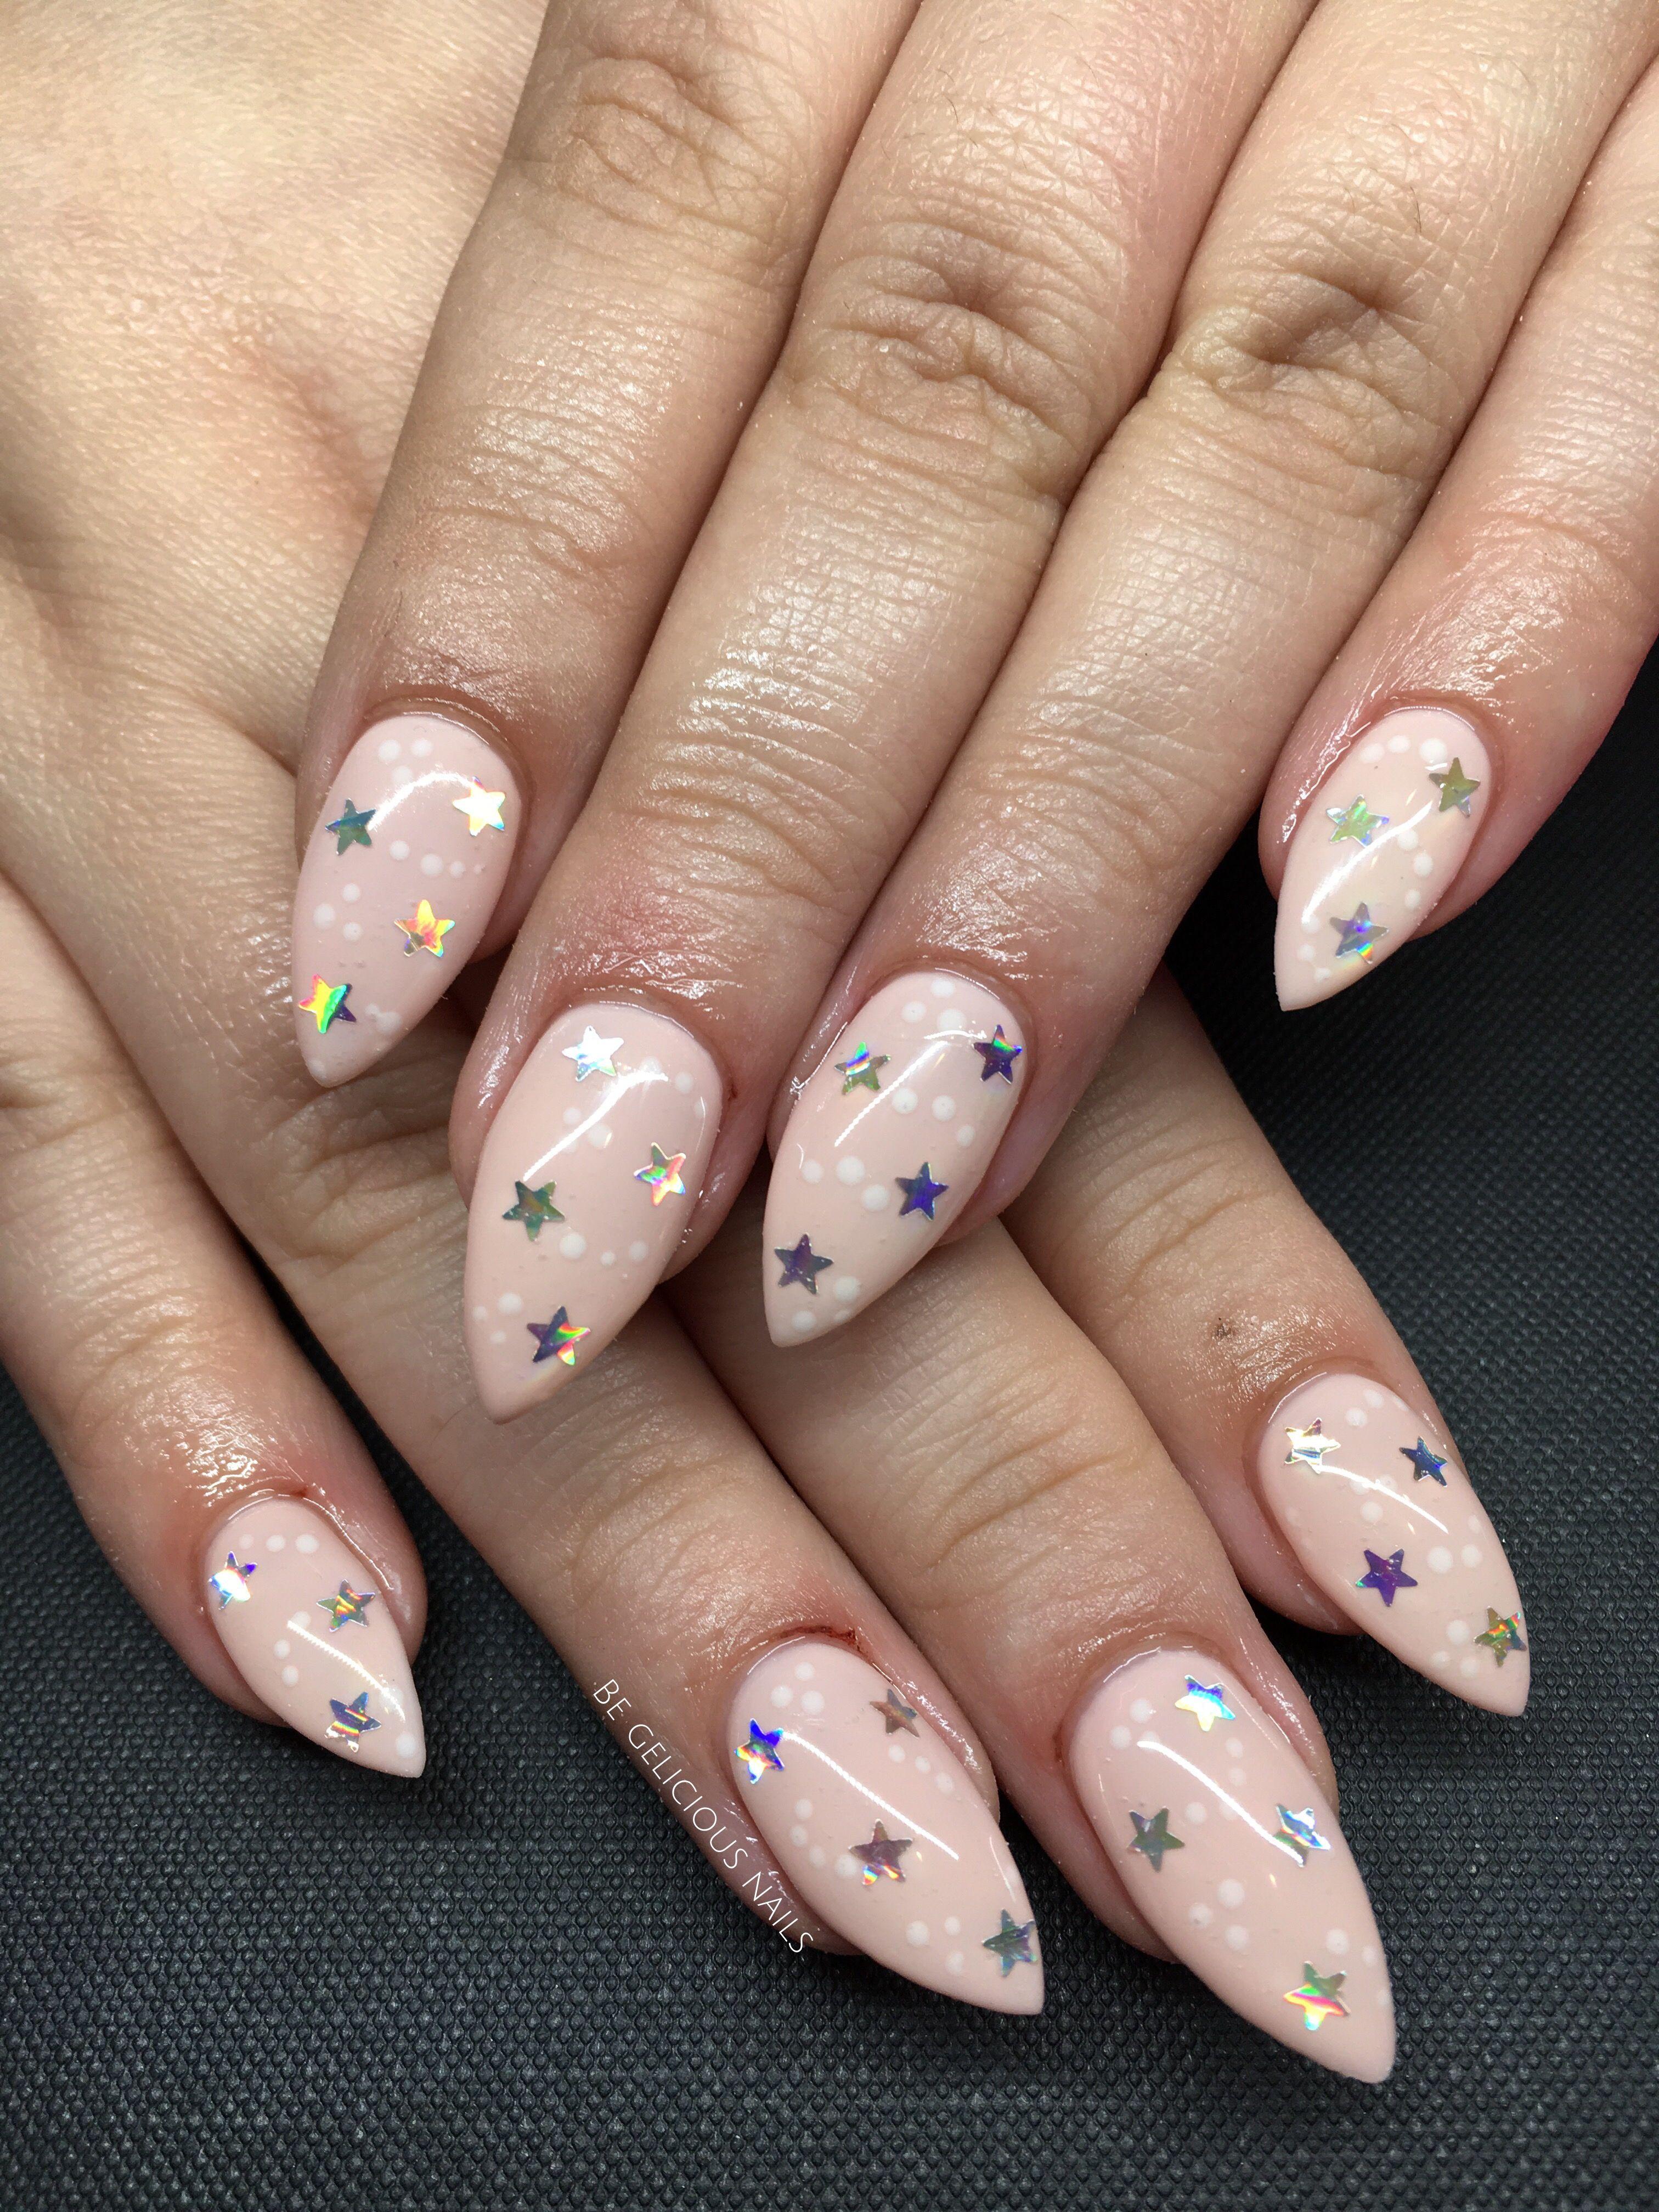 Jamie Genevieve inspired extensions #calgel #nails #gel #stars #nude ...